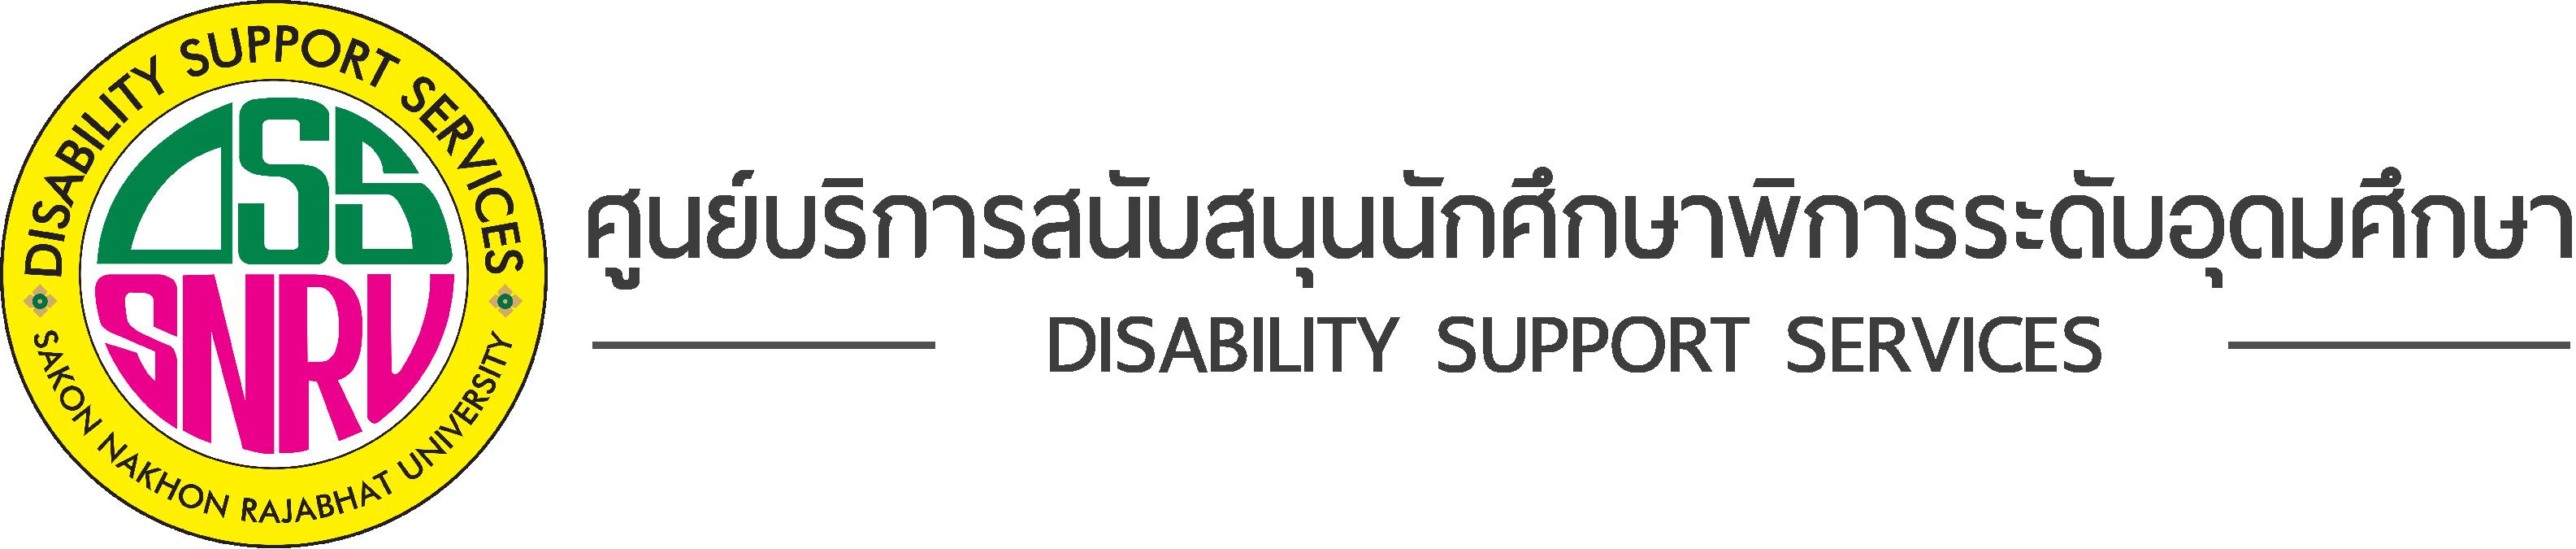 ศูนย์บริการสนับสนุนนักศึกษาพิการระดับอุดมศึกษา